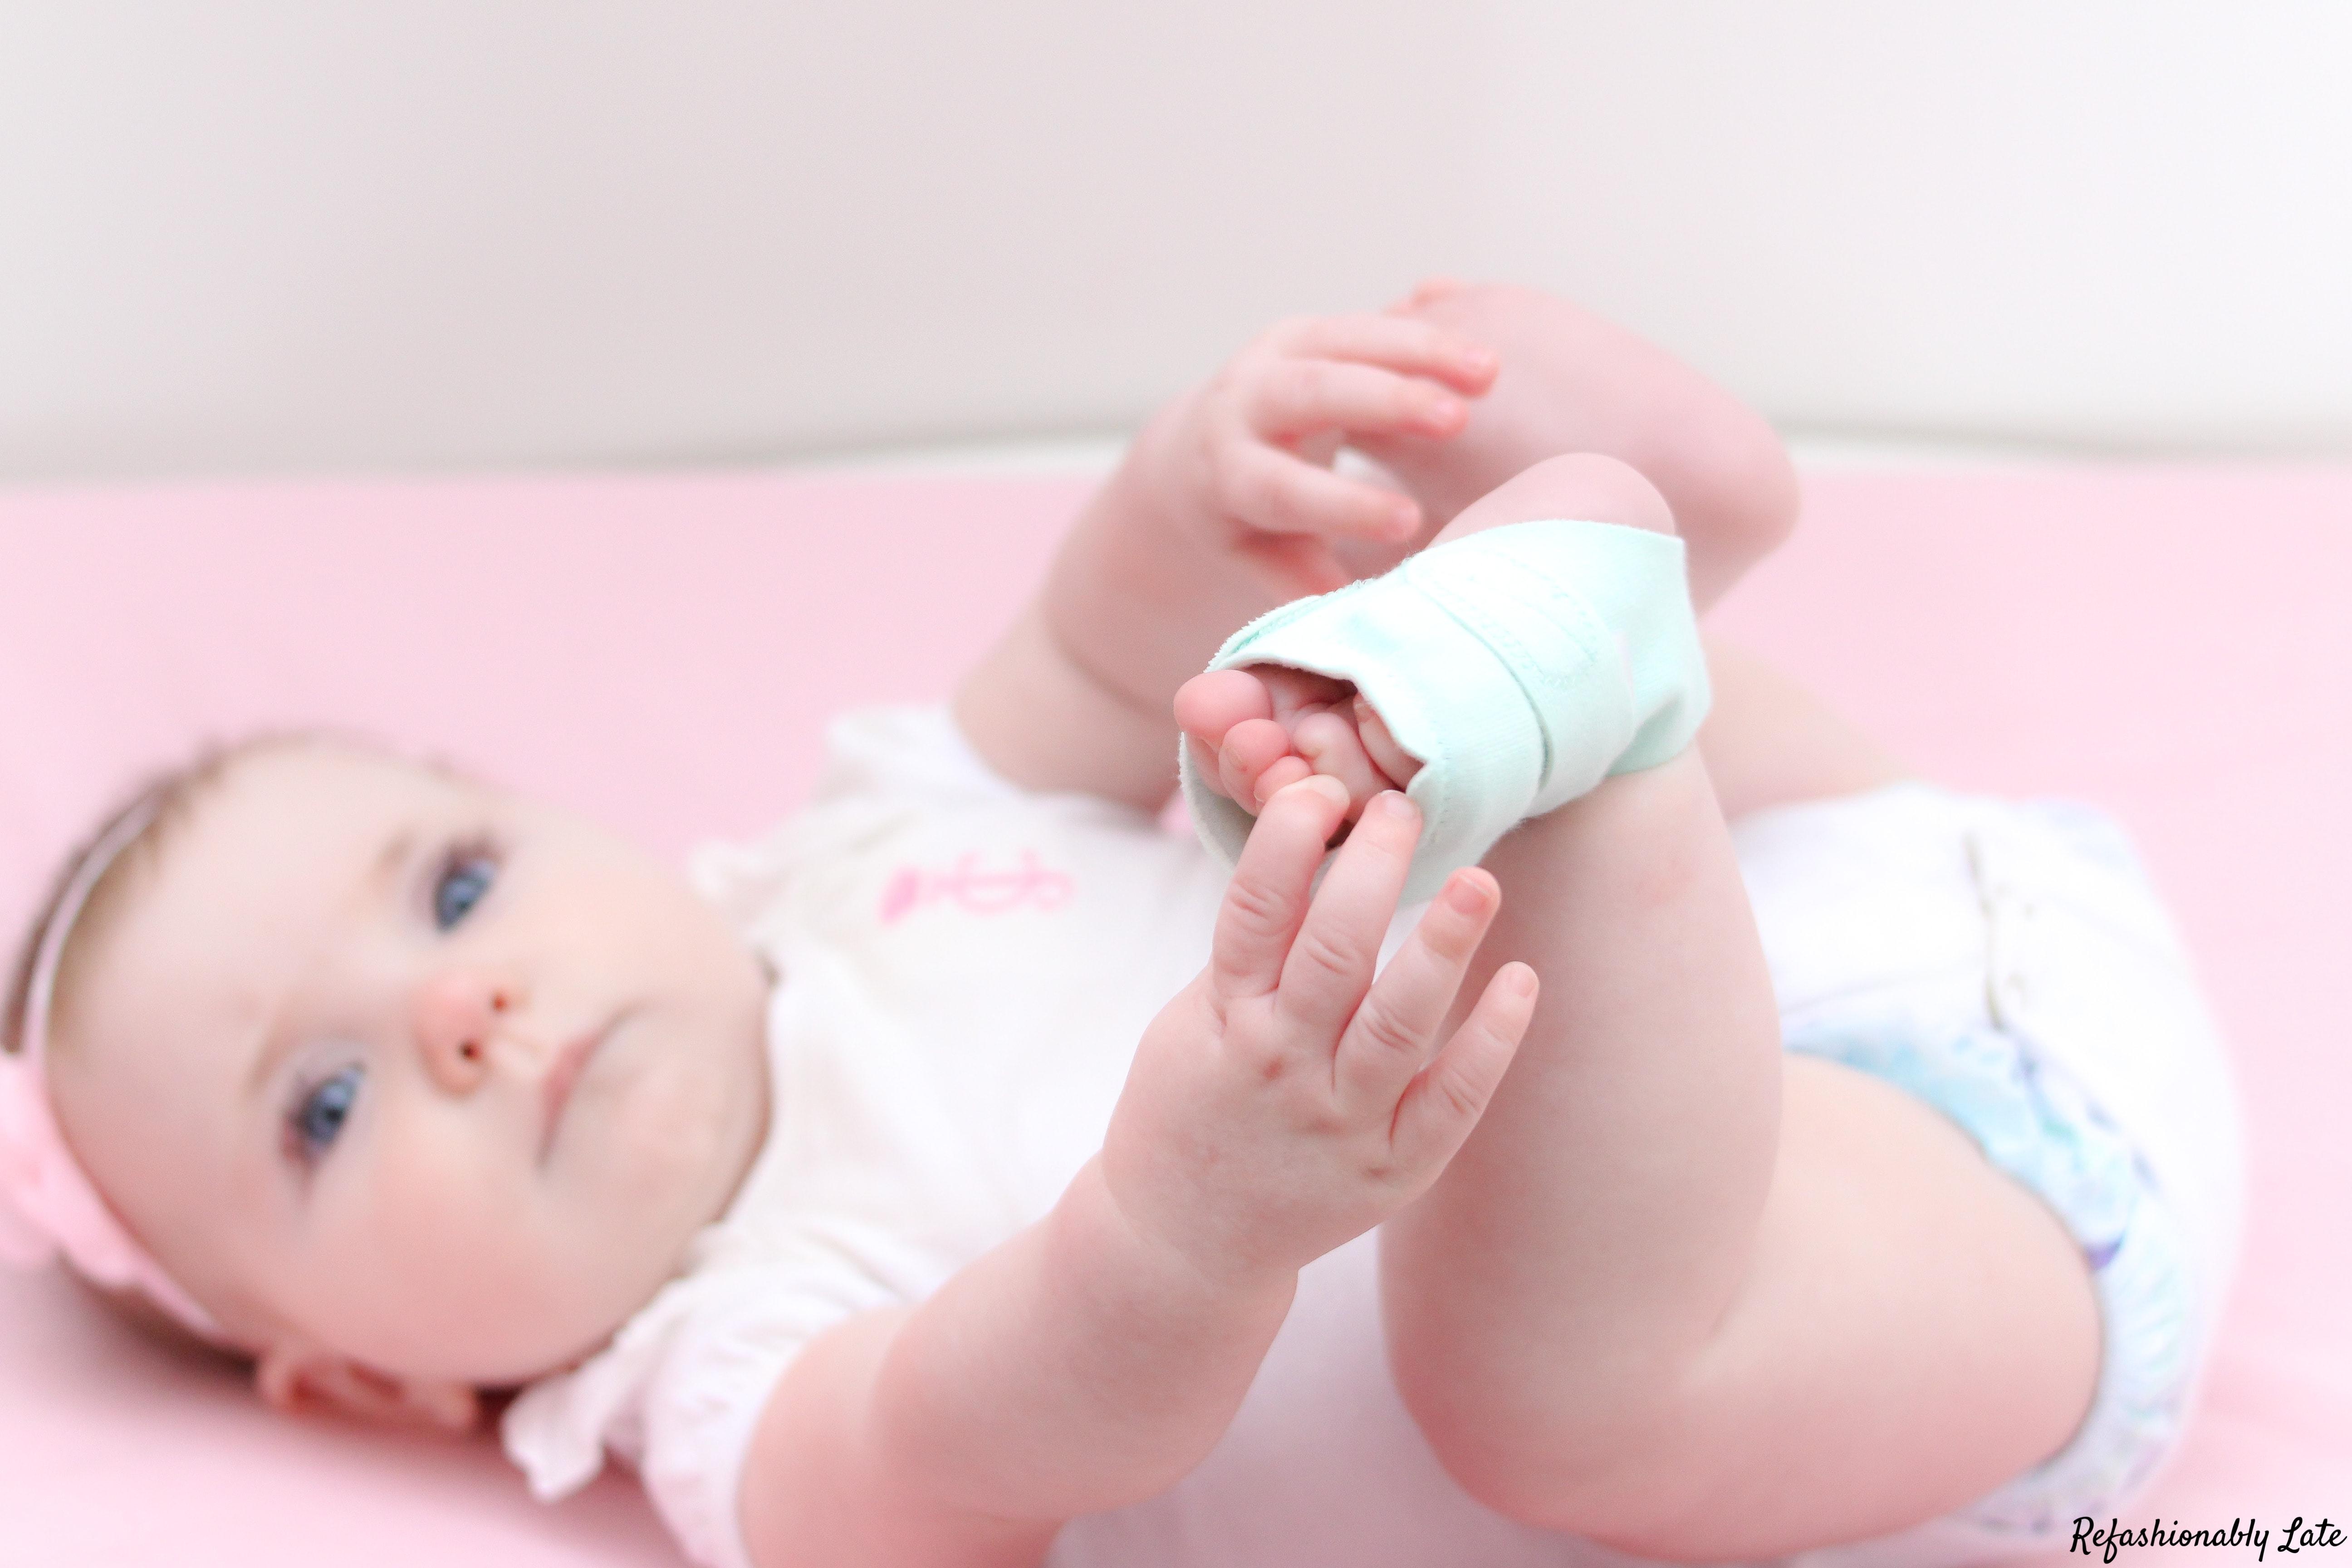 Owlet Smart Sock 2 - www.refashionablylate.com